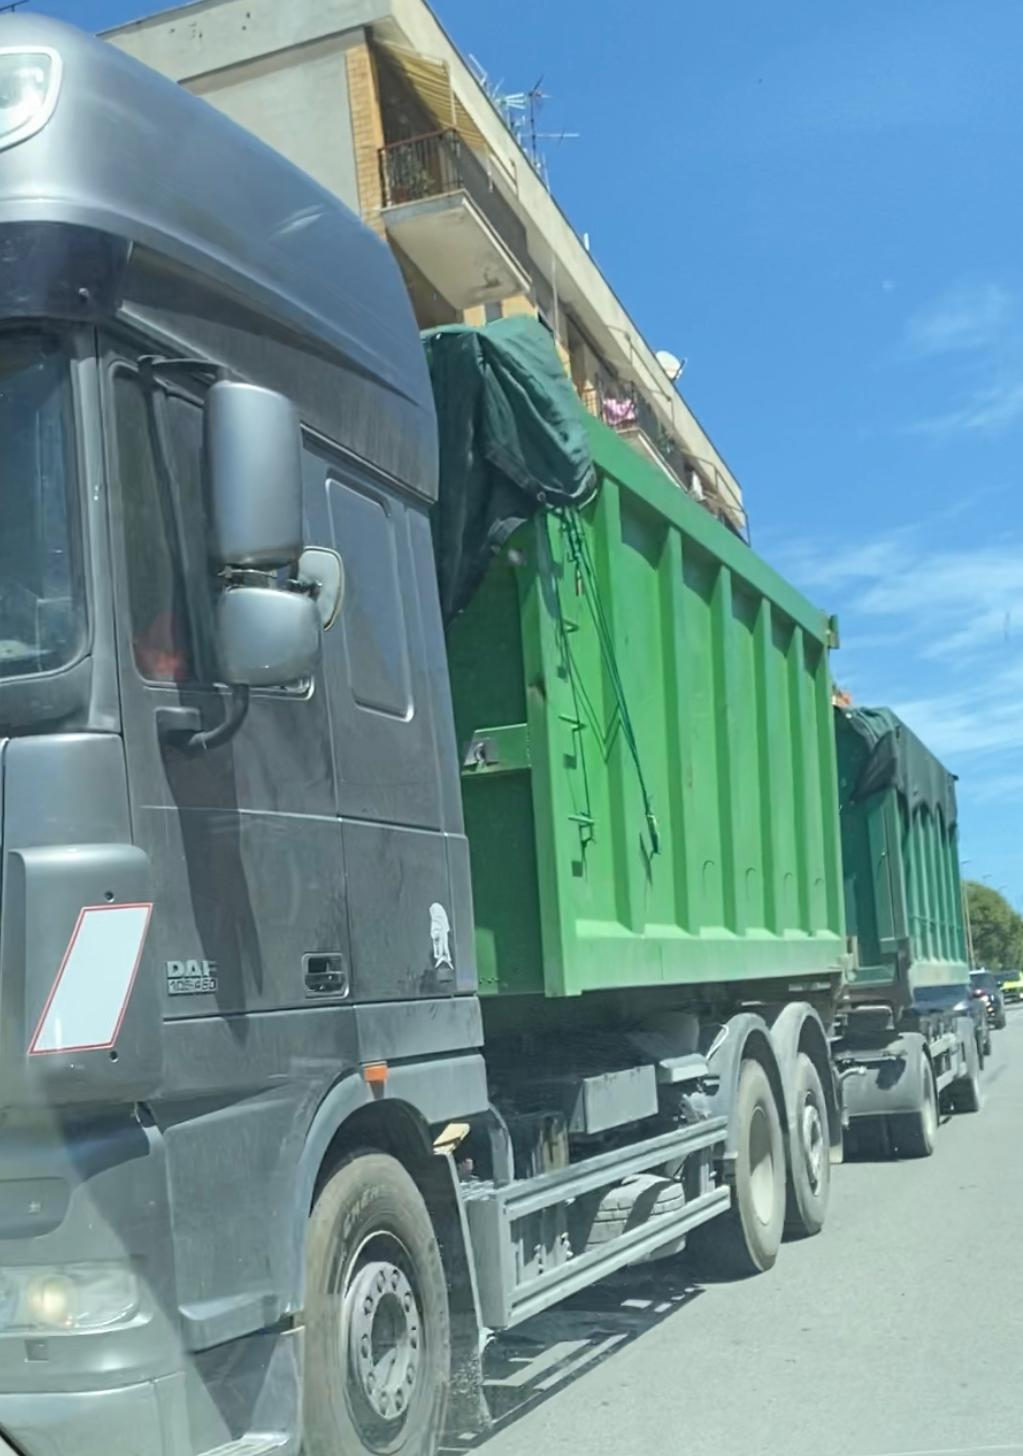 Camion di rifiuti: è allarme in città